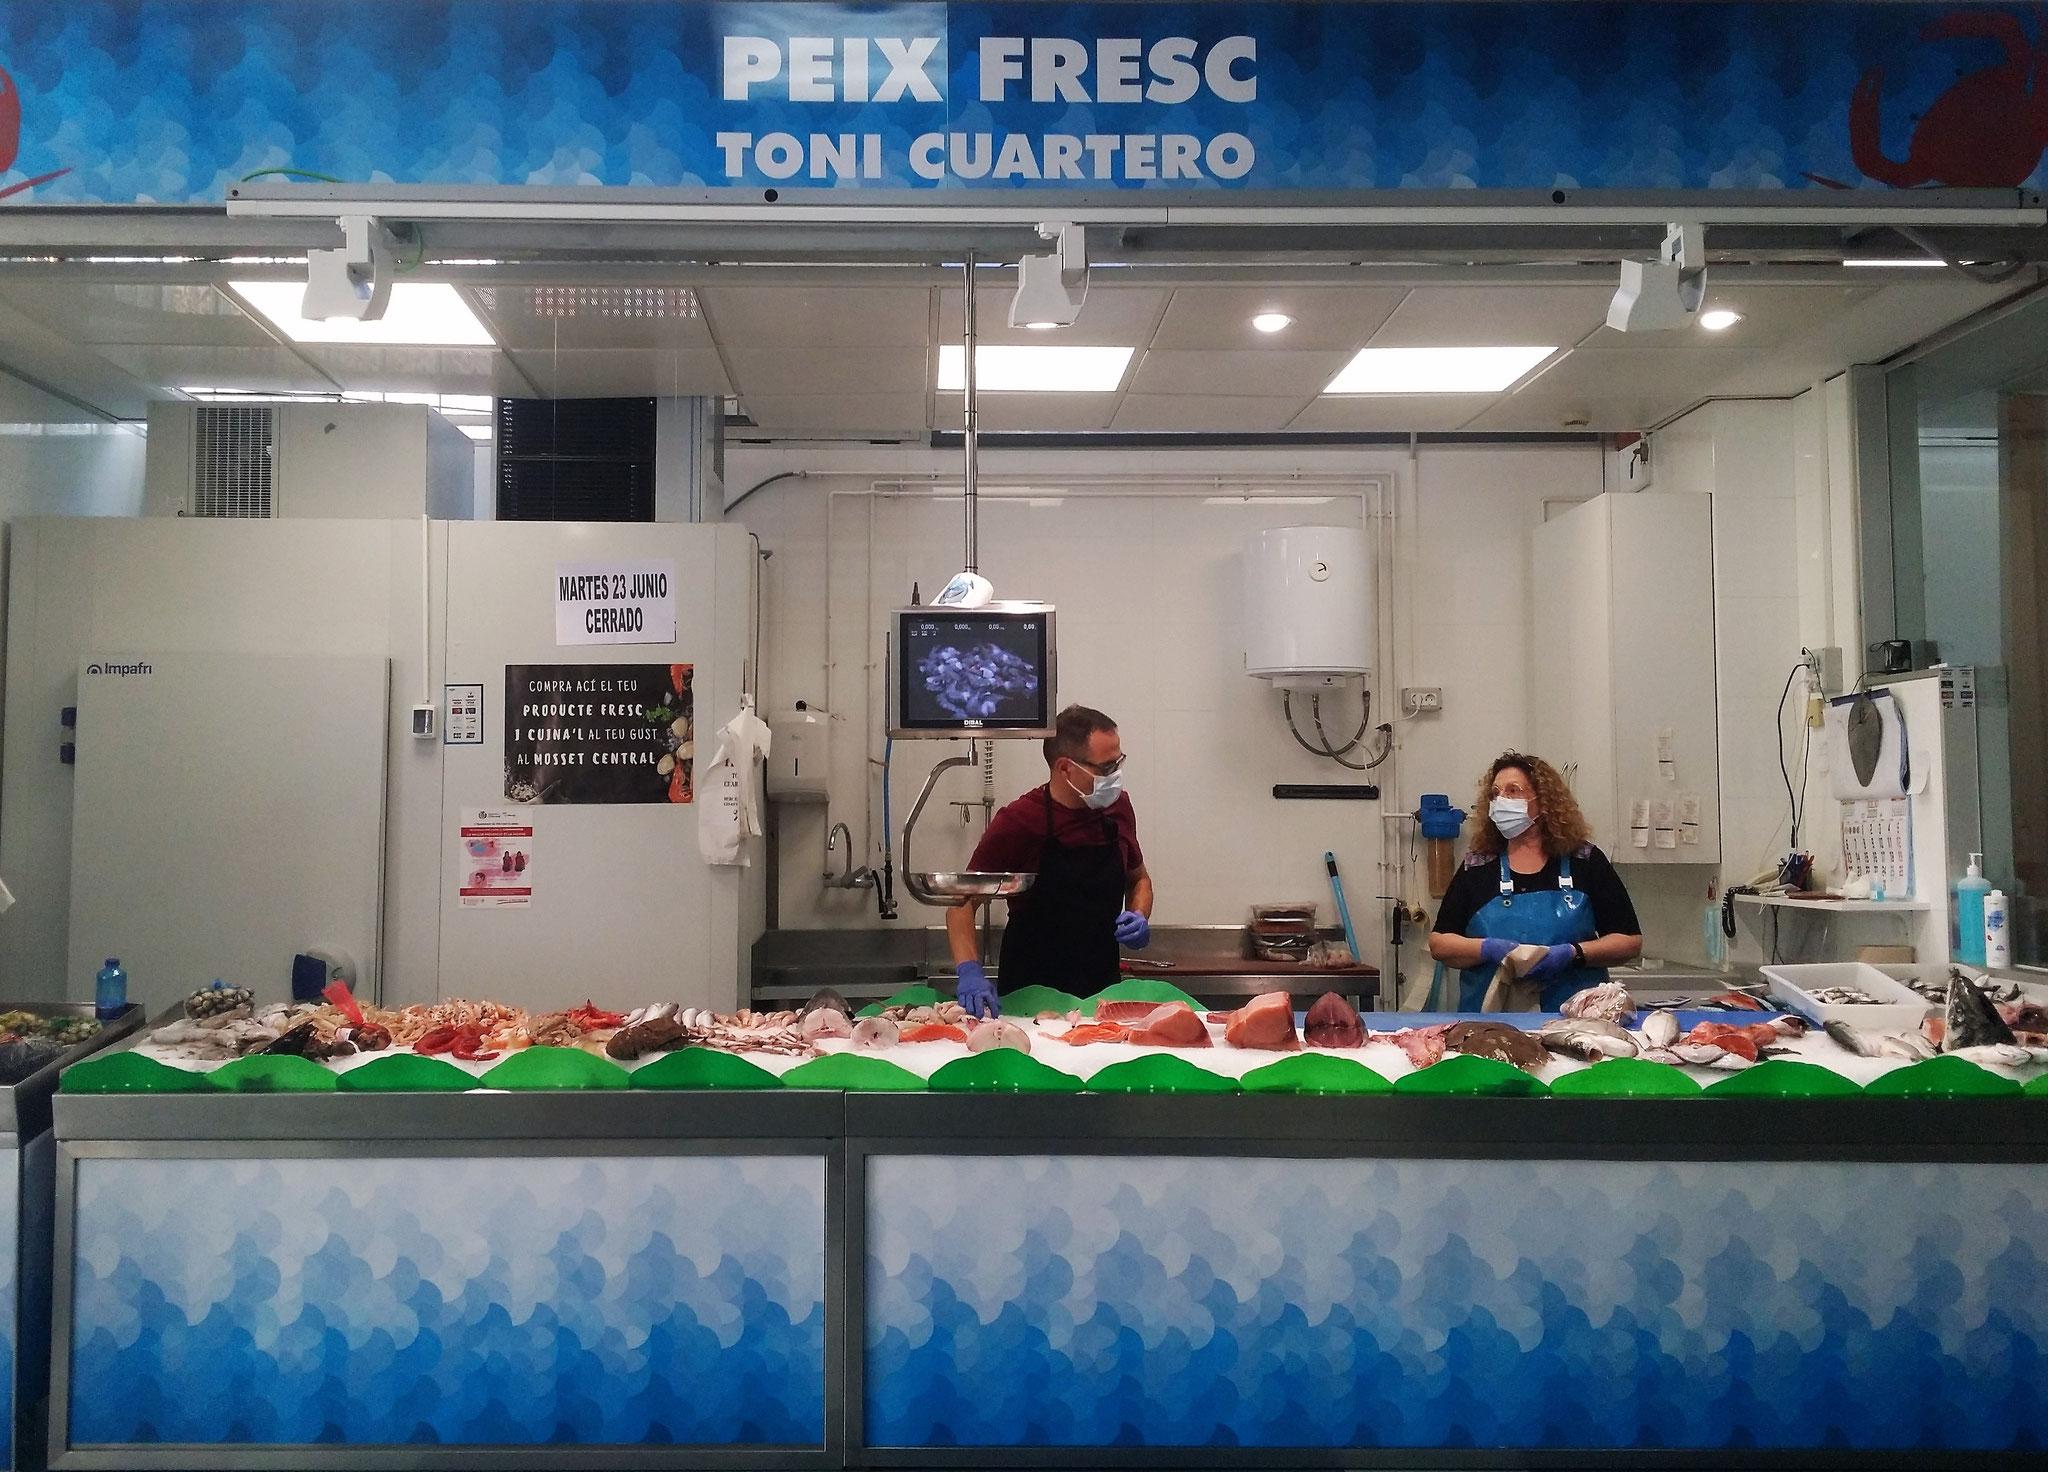 <b>Peix Frec Toni Cuartero</b><br>Pescados y Mariscos